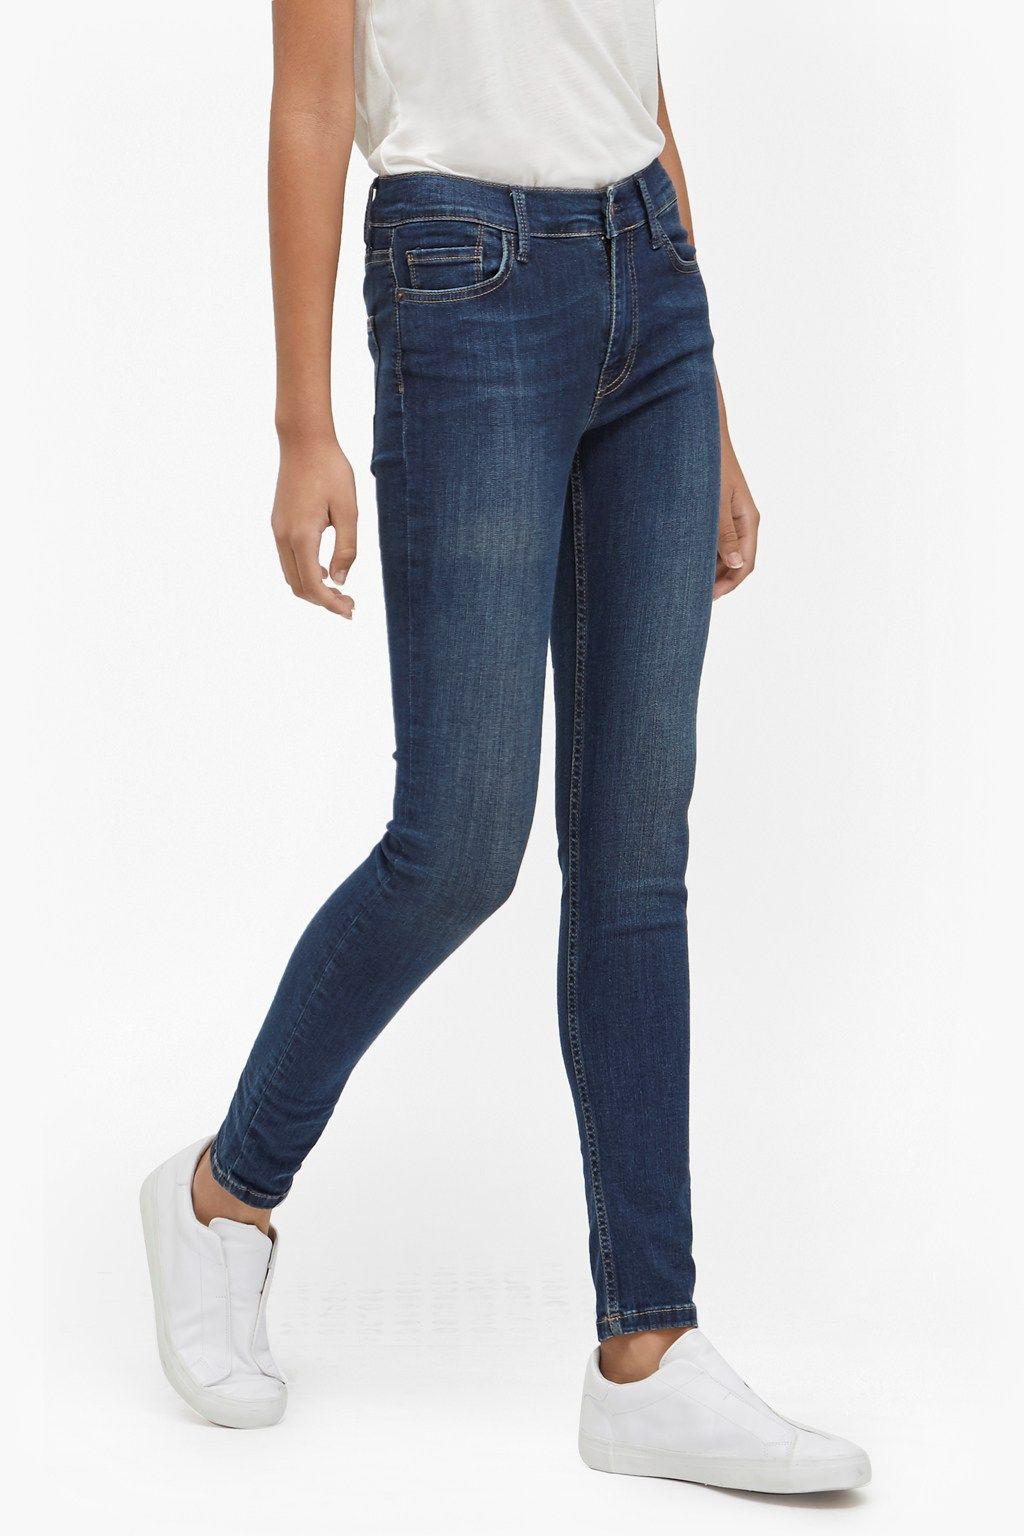 7ee212bc267 Rebound Skinny Jeans